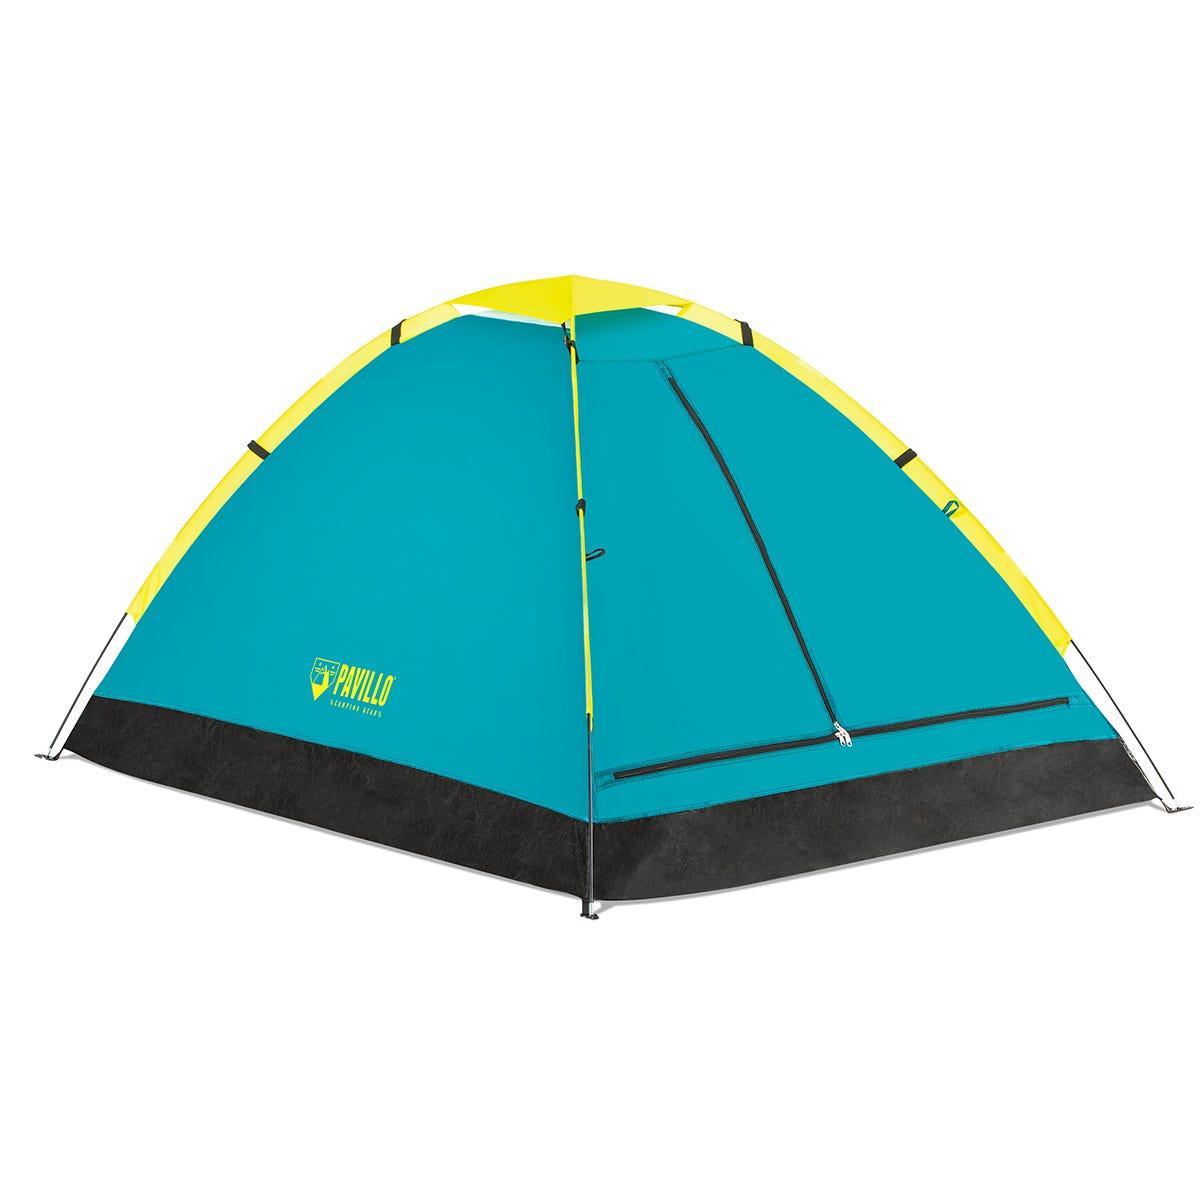 Pavillo Cooldome 2 Person Tent - 1.45 x 2.05 x 1.00m